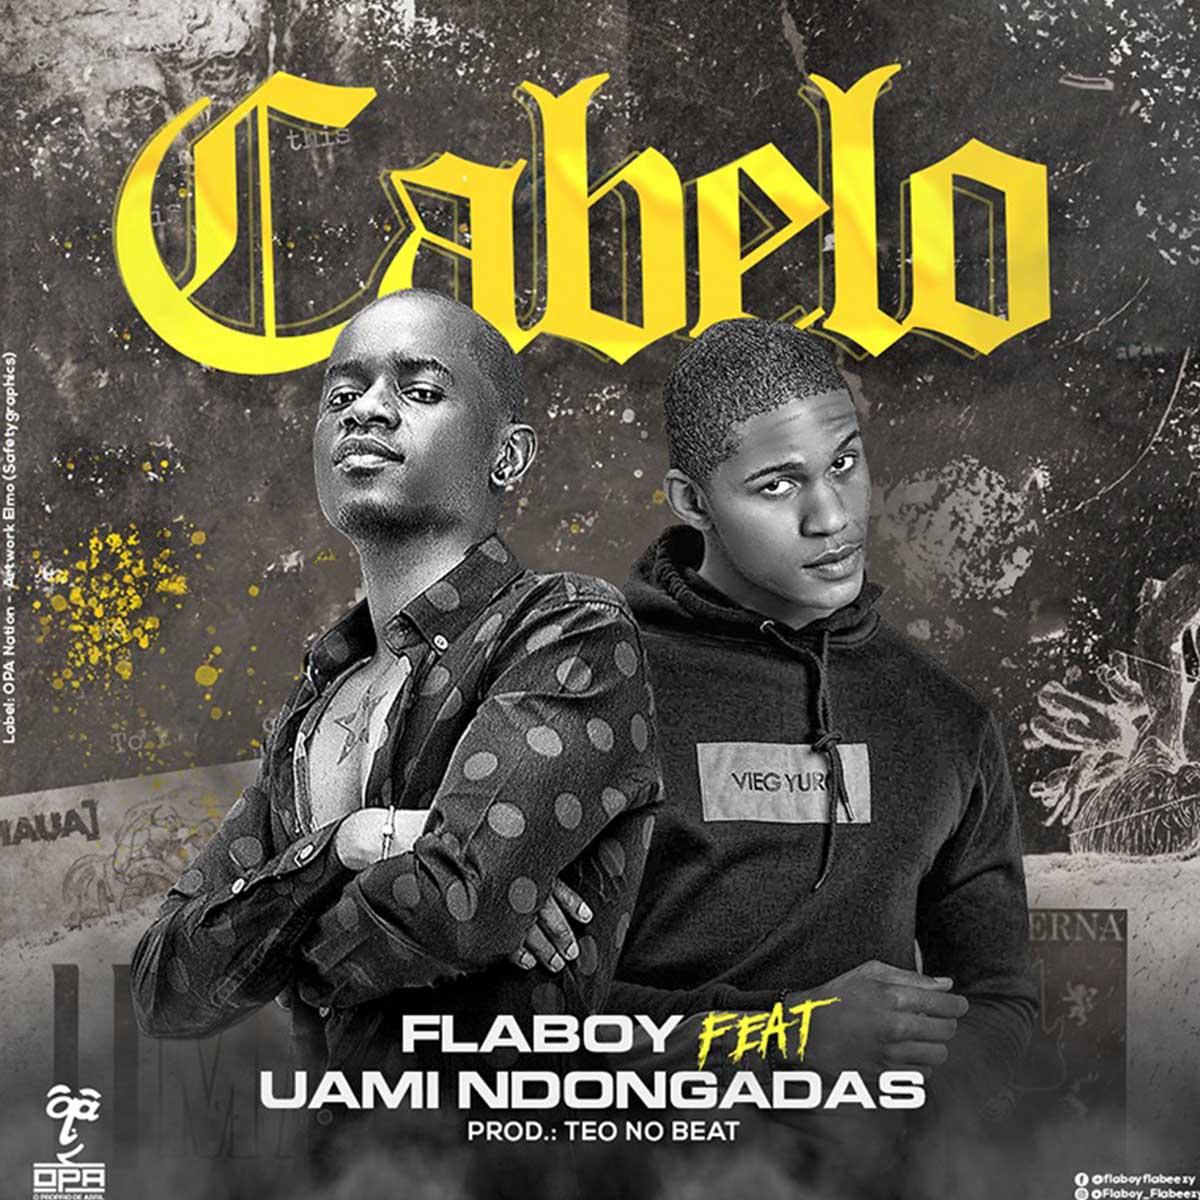 Flaboy - Cabelo (feat. Uami Ndongadas)